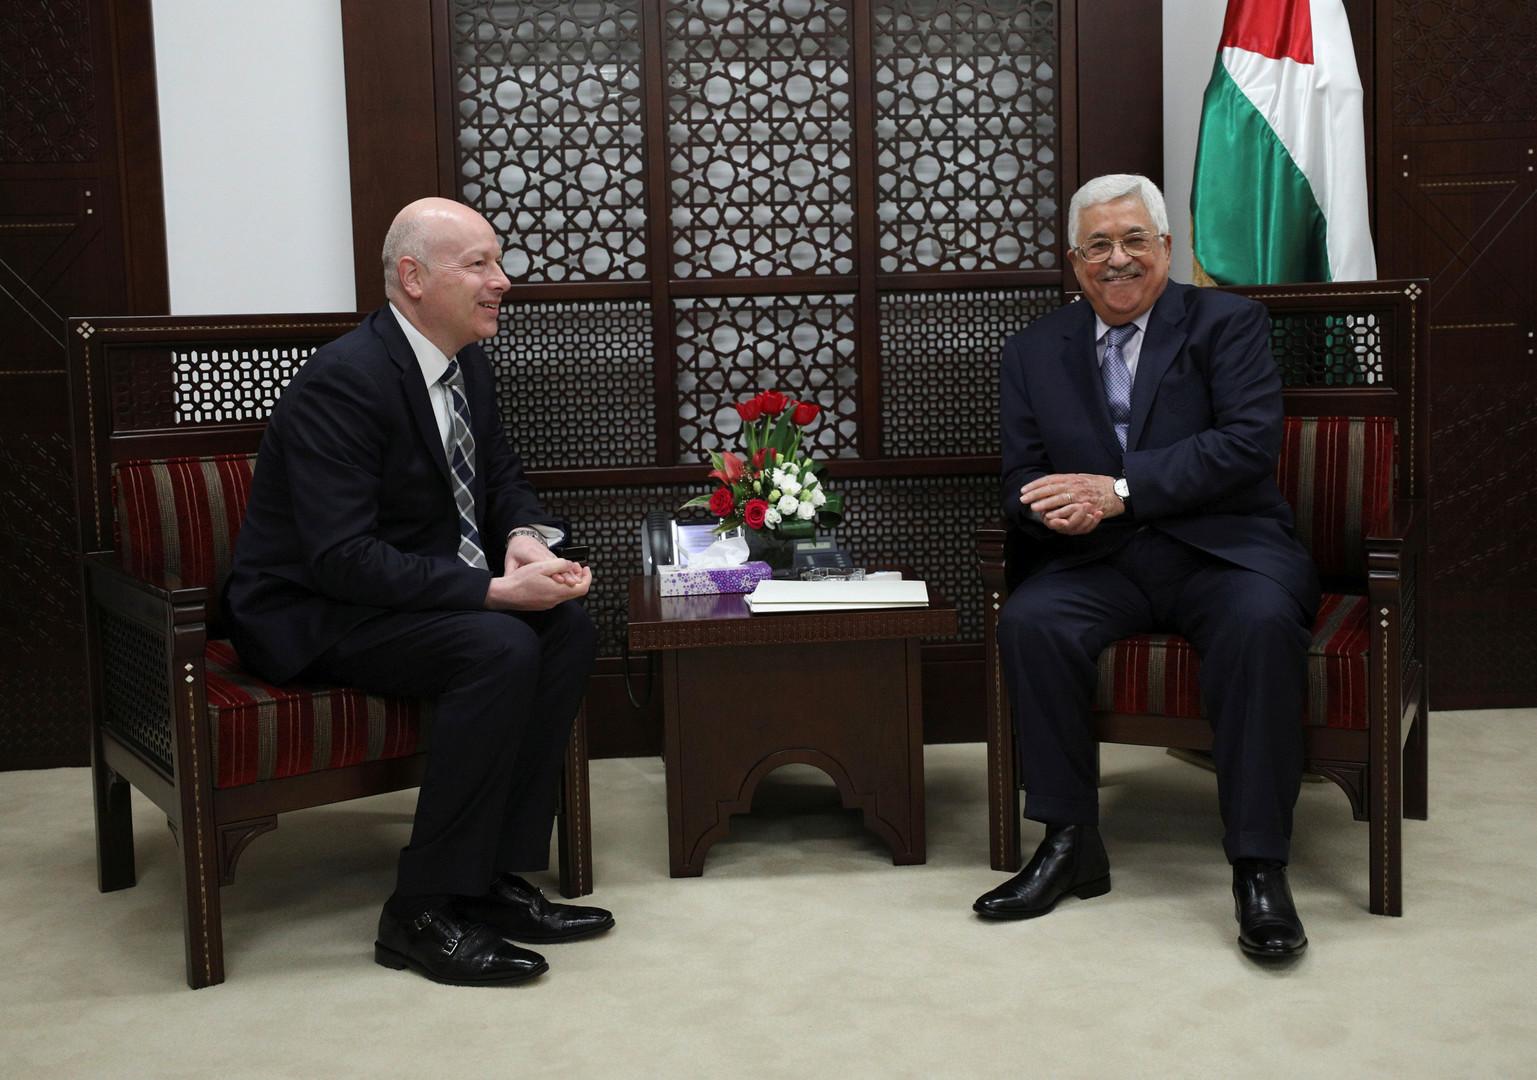 غرينبلات يتحدث عن مصير النظام الفلسطيني في ظل